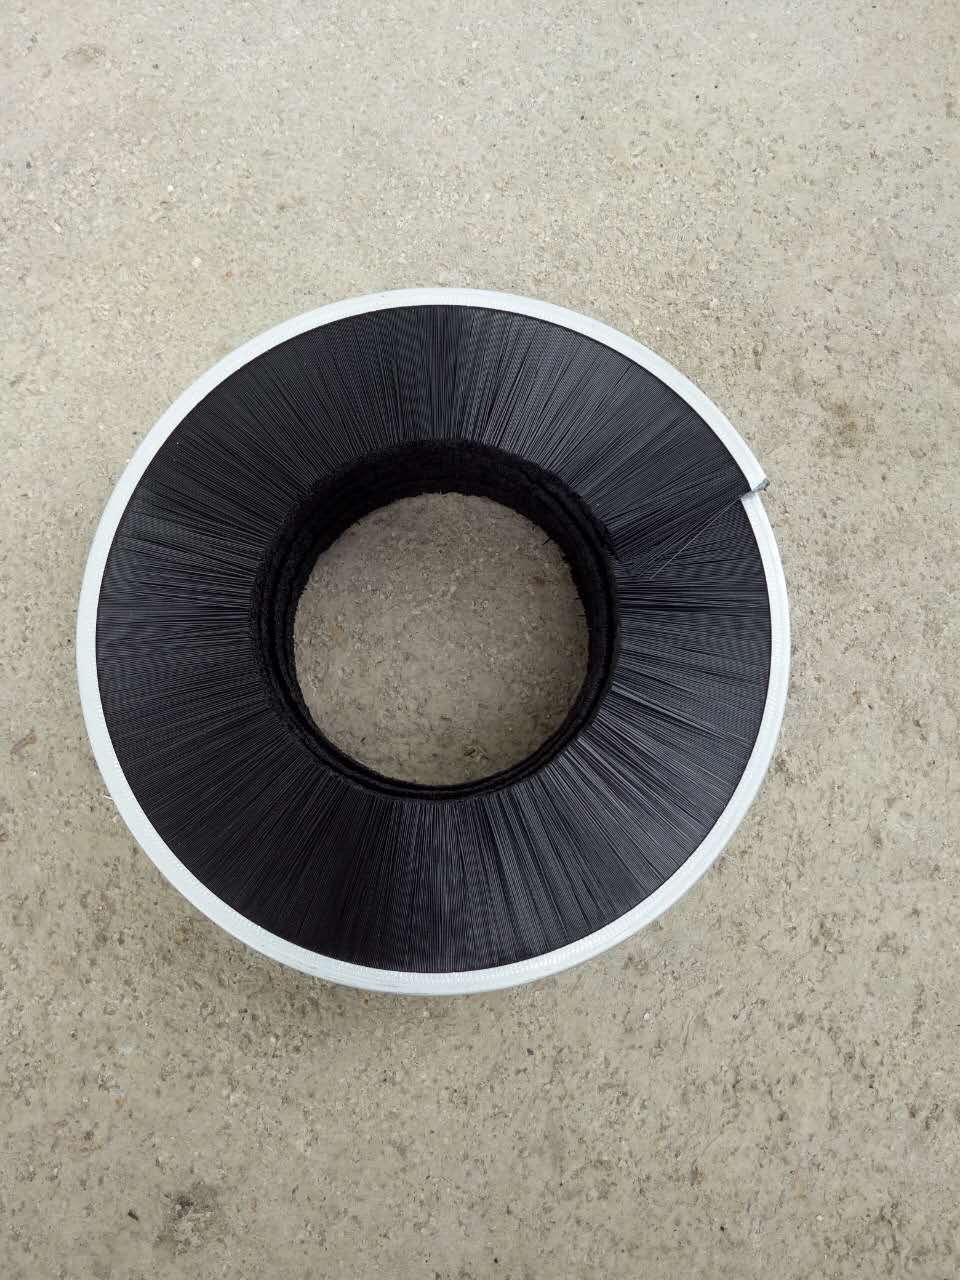 内绕弹簧刷尺寸-安庆哪里有供应耐用的弹簧刷